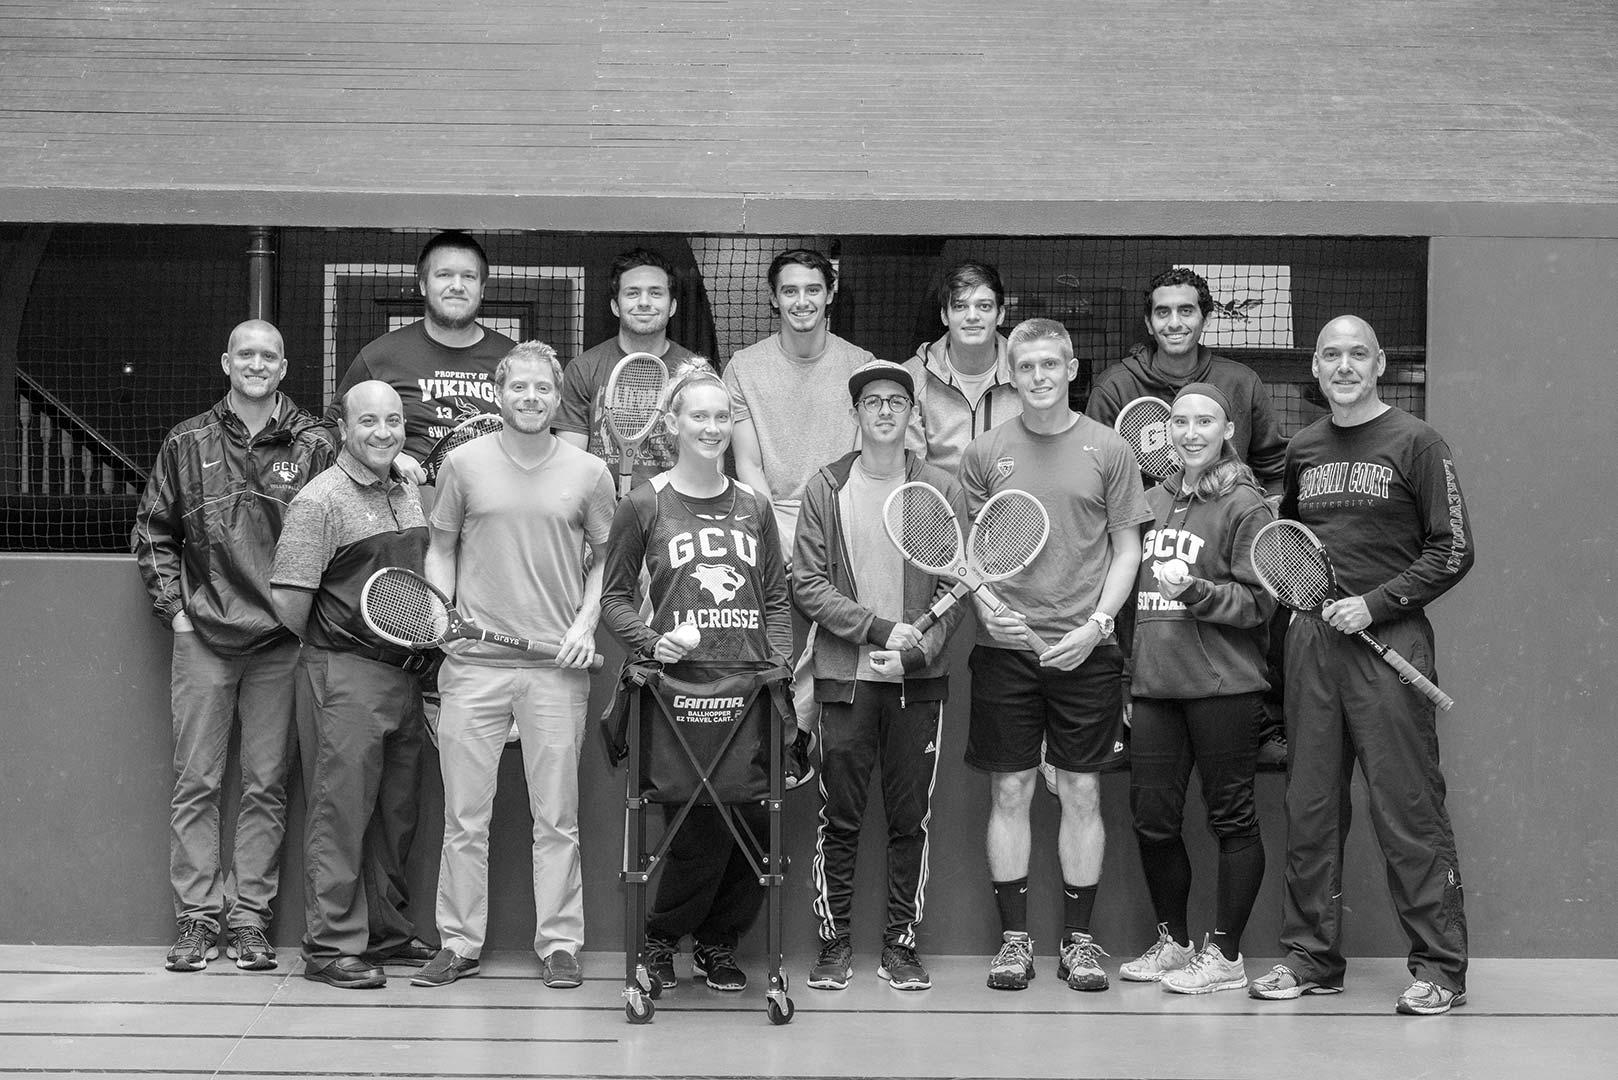 GCU Court Tennis